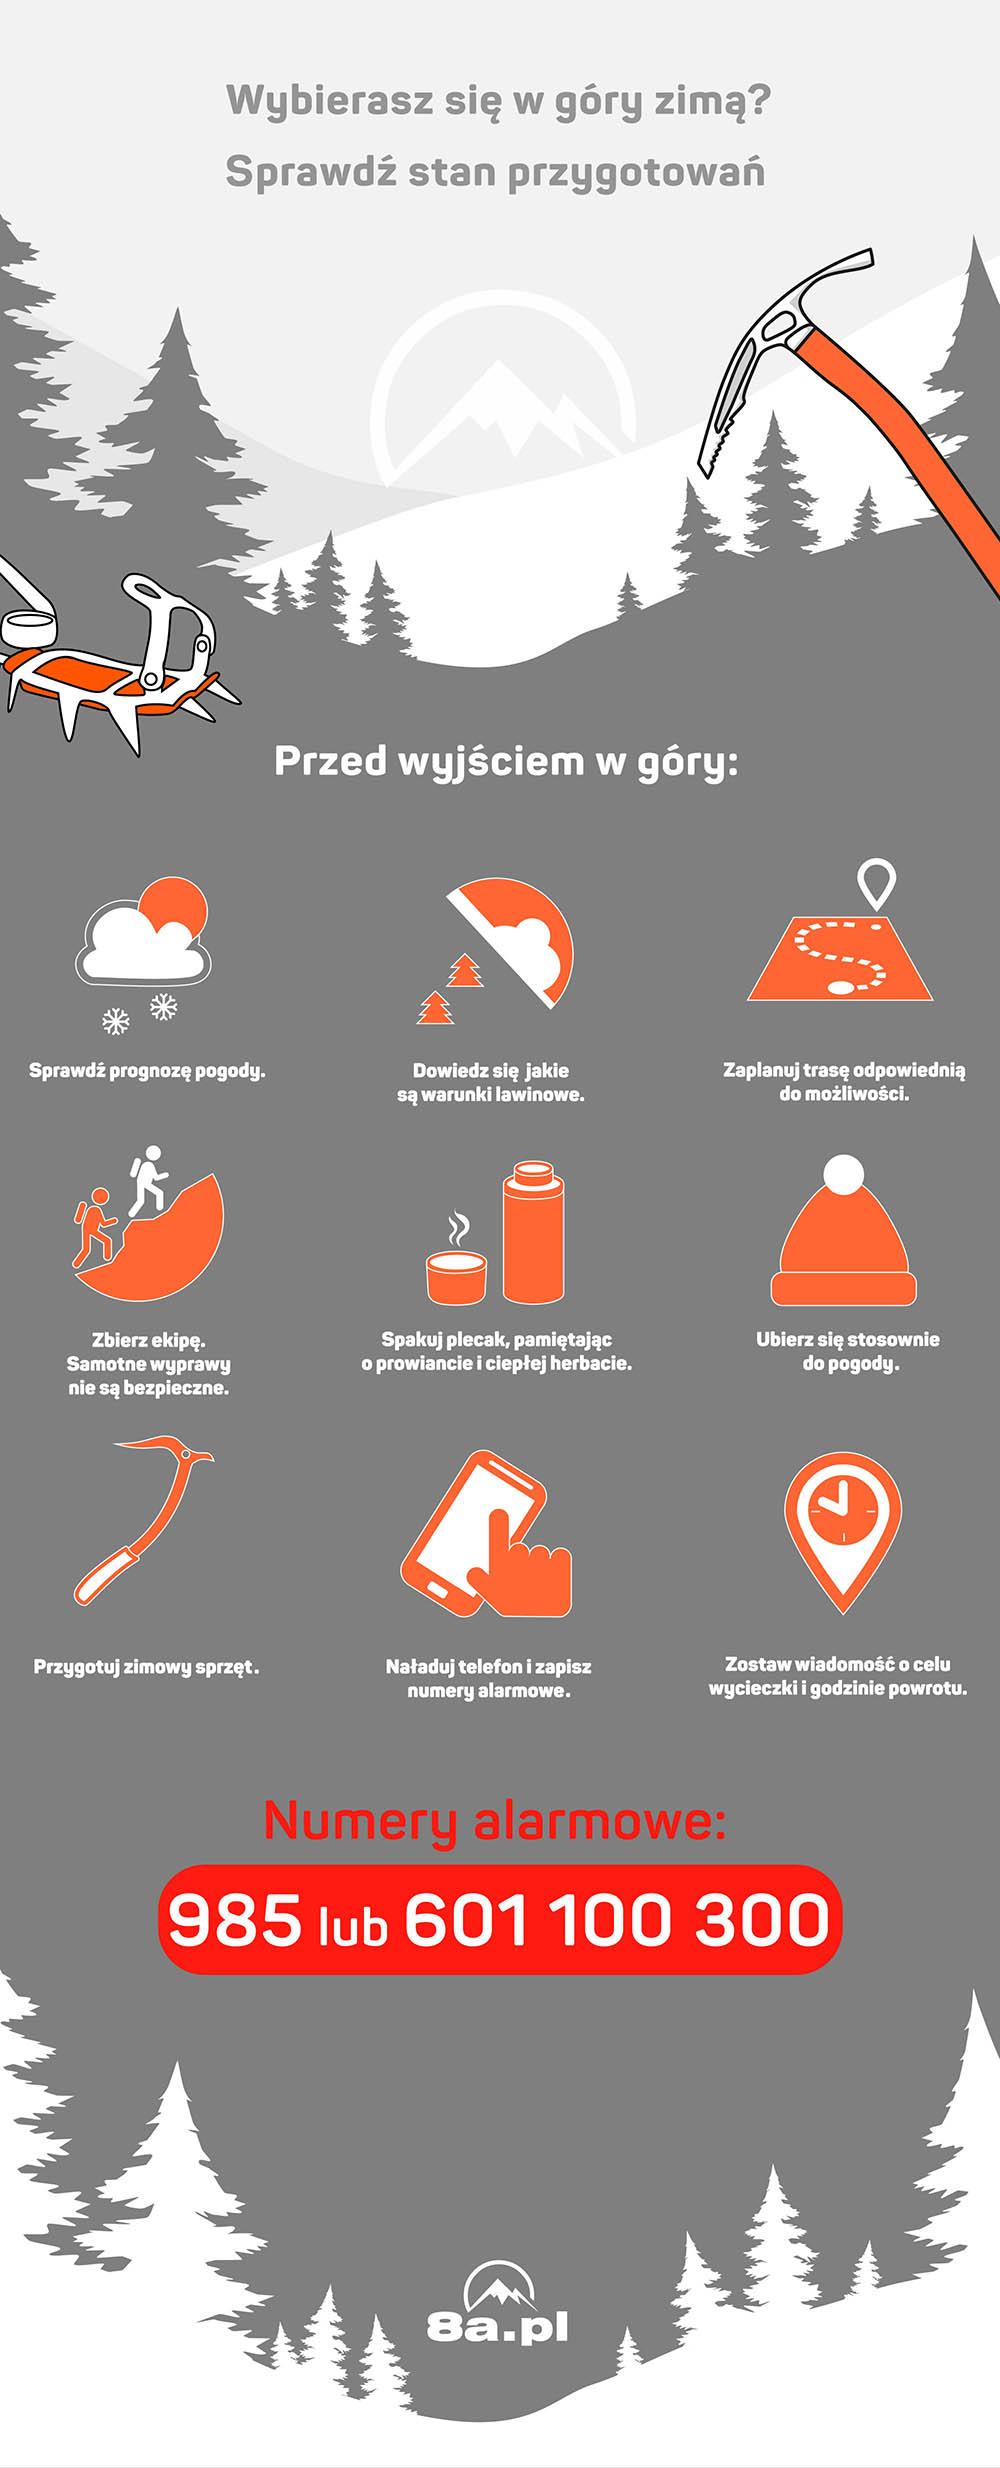 o czym pamiętać przed wyjściem w góry zimą - Bezpieczeństwo w górach zimą - infografika 8a.pl